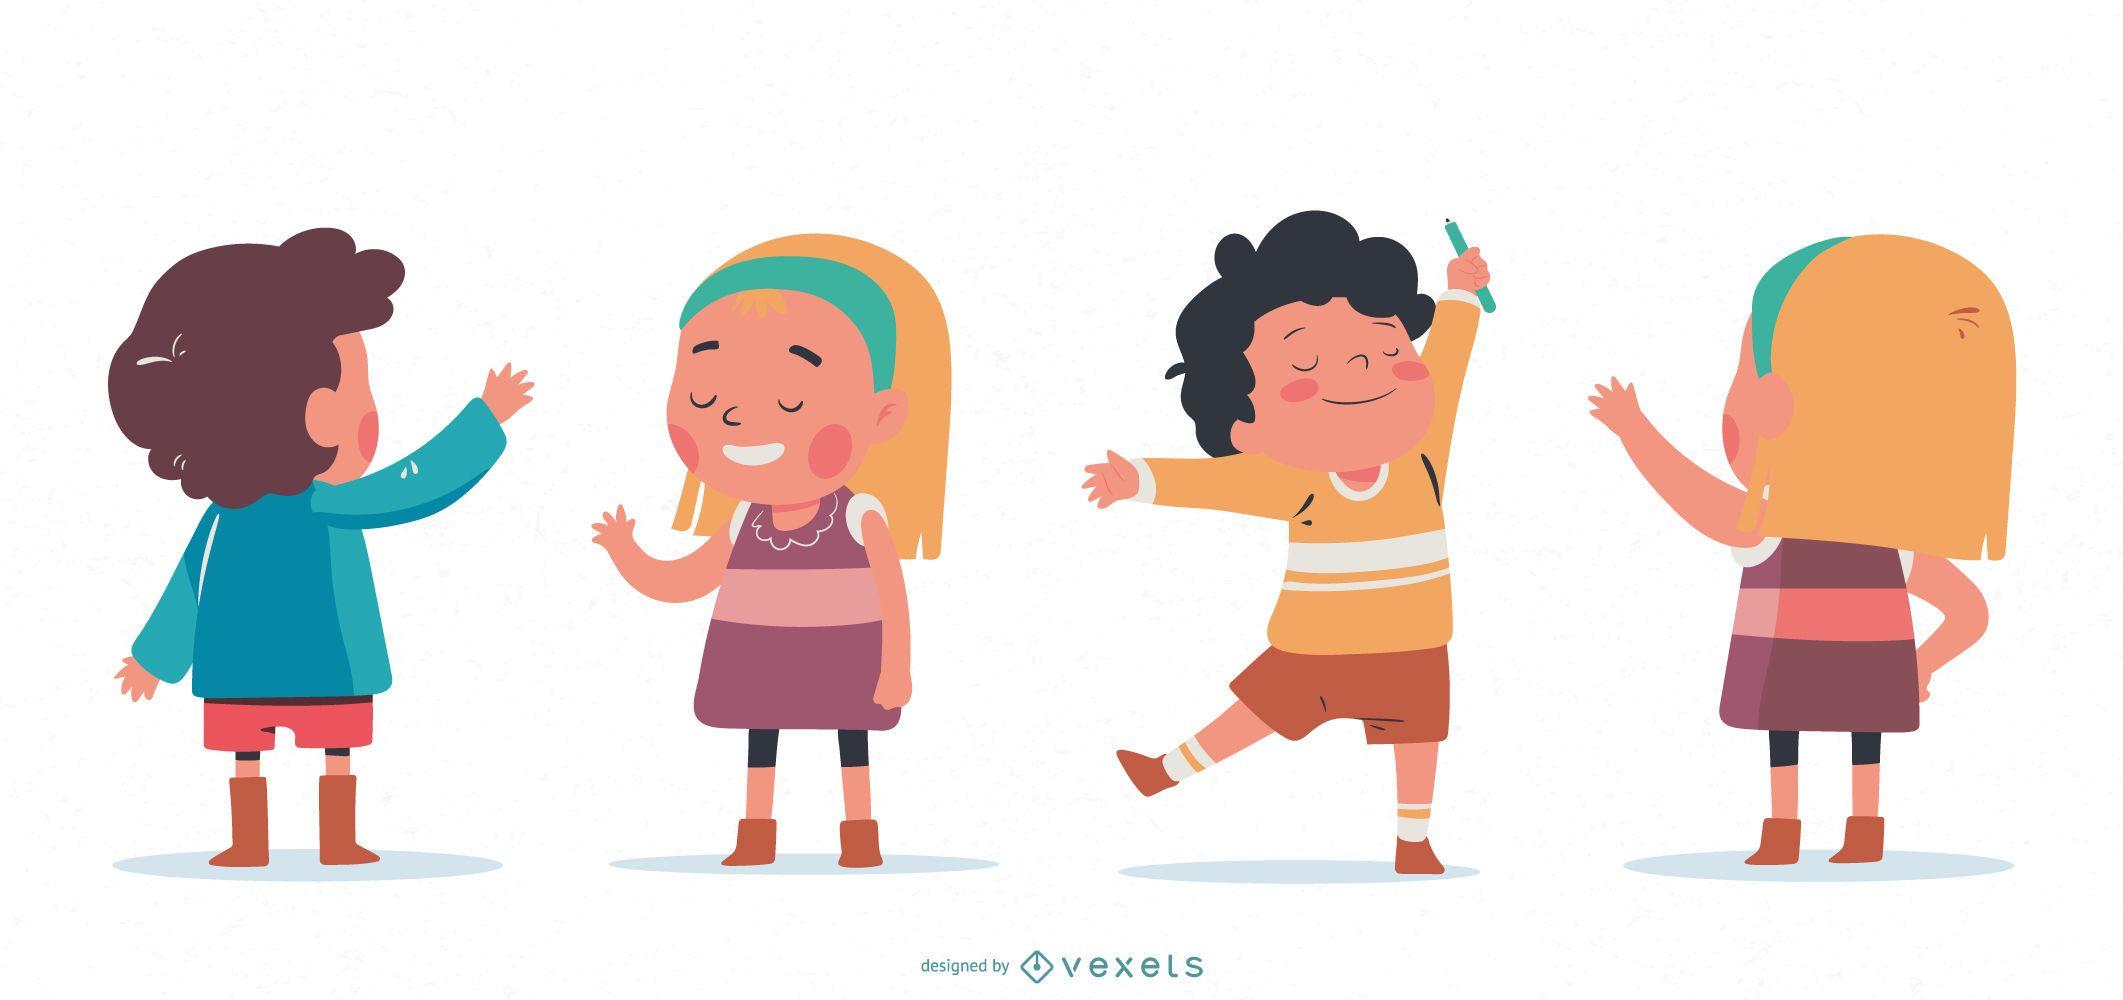 Conjunto de personagens acenando para crianças